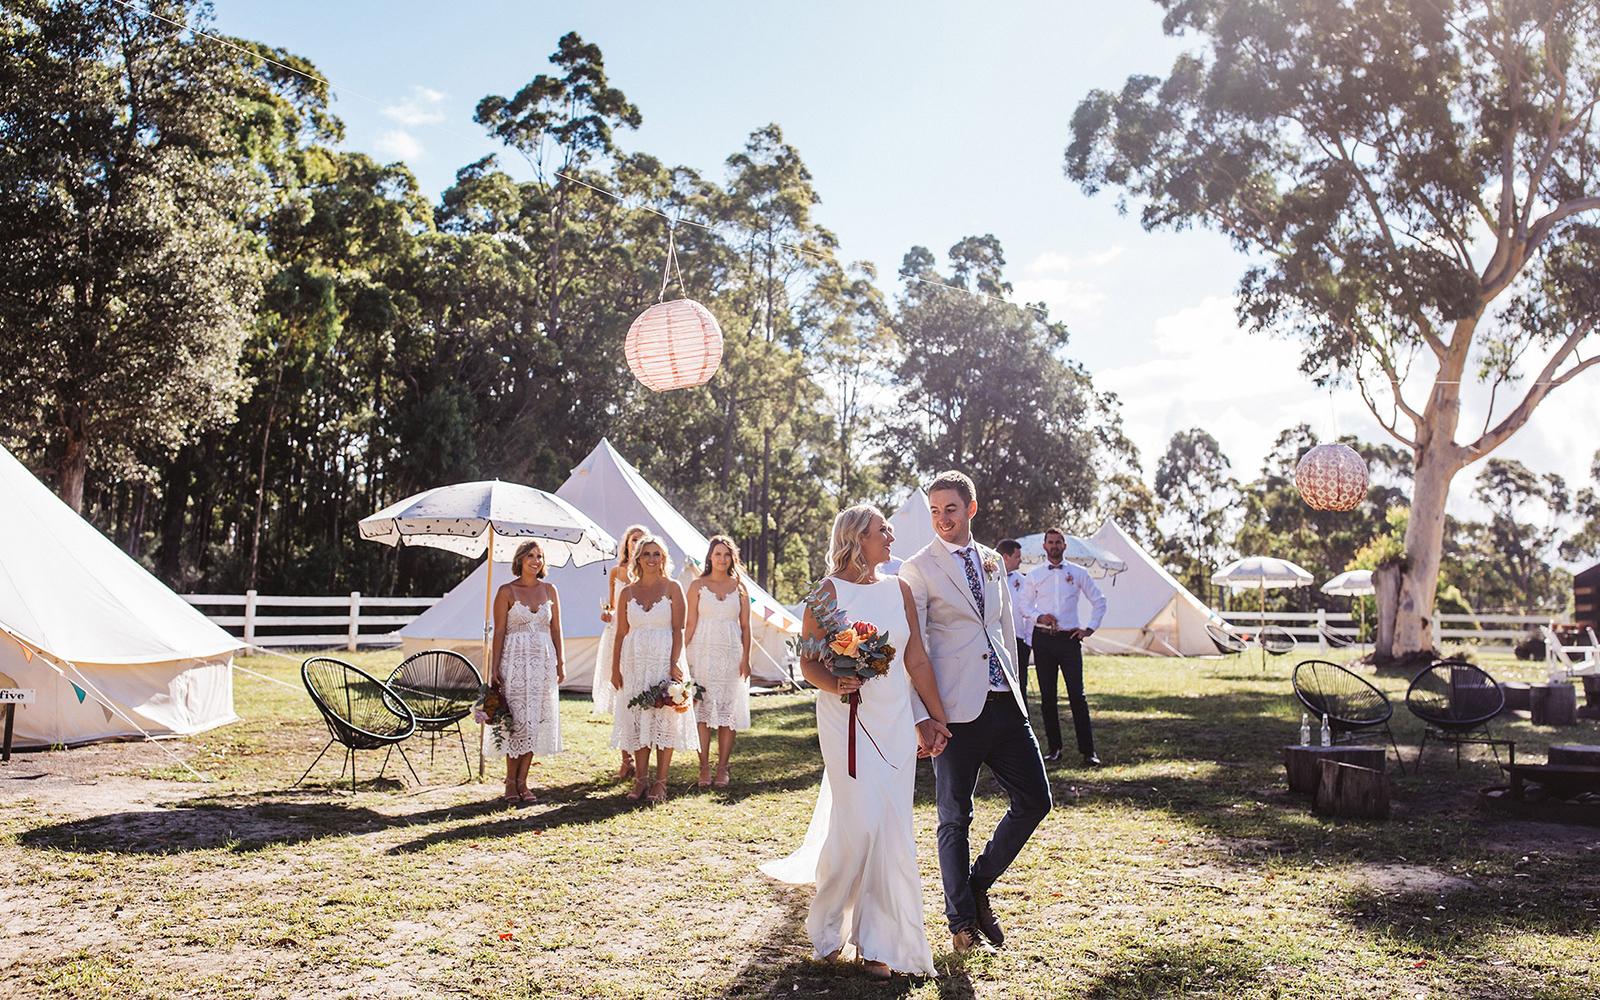 wedding-venue-sydney-woods-farm